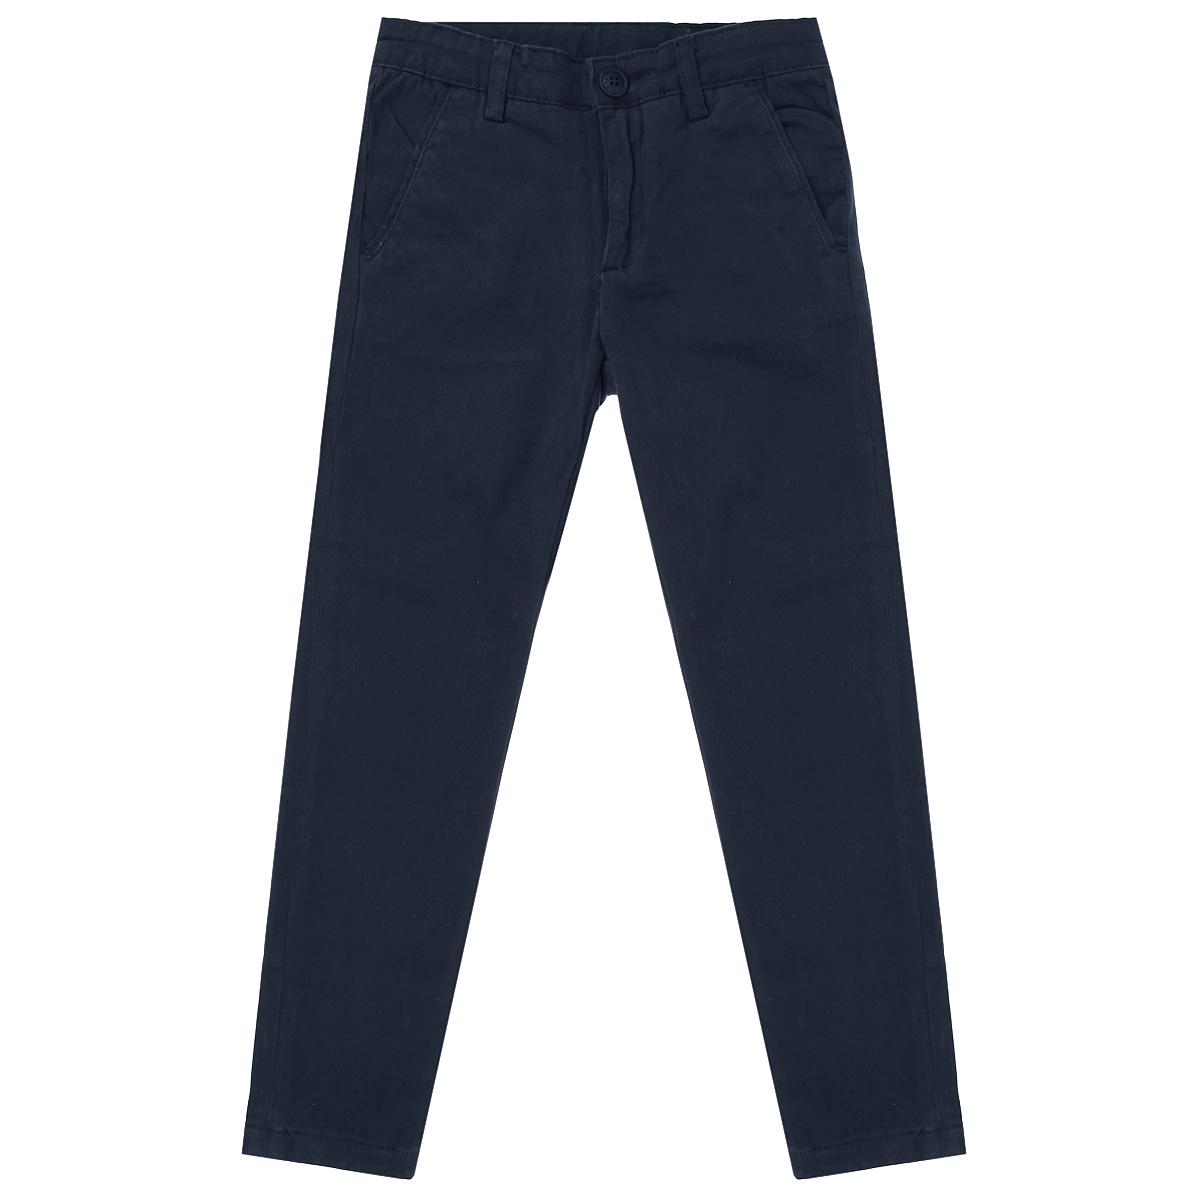 Брюки для мальчика. 6307963079Классические брюки для мальчика Orby - основа повседневного школьного гардероба. Изготовленные из эластичного хлопка, они необычайно мягкие и приятные на ощупь, не сковывают движения и позволяют коже дышать, не раздражают даже самую нежную и чувствительную кожу ребенка, обеспечивая ему наибольший комфорт. Брюки прямого покроя на талии застегиваются на пластиковую пуговицу и имеют ширинку на застежке-молнии и шлевки для ремня. С внутренней стороны предусмотрена скрытая эластичная резинка на пуговицах. Спереди брюки дополнены двумя втачными карманами с косыми краями, а сзади - двумя прорезными карманами с небольшими клапанами. Модель свободно сидит и не сковывают движений, а регулировка в поясе с плавающим механизмом обеспечит идеальную посадку по фигуре. Эта универсальная модель подходит под различные варианты пиджаков, джемперов и водолазок.